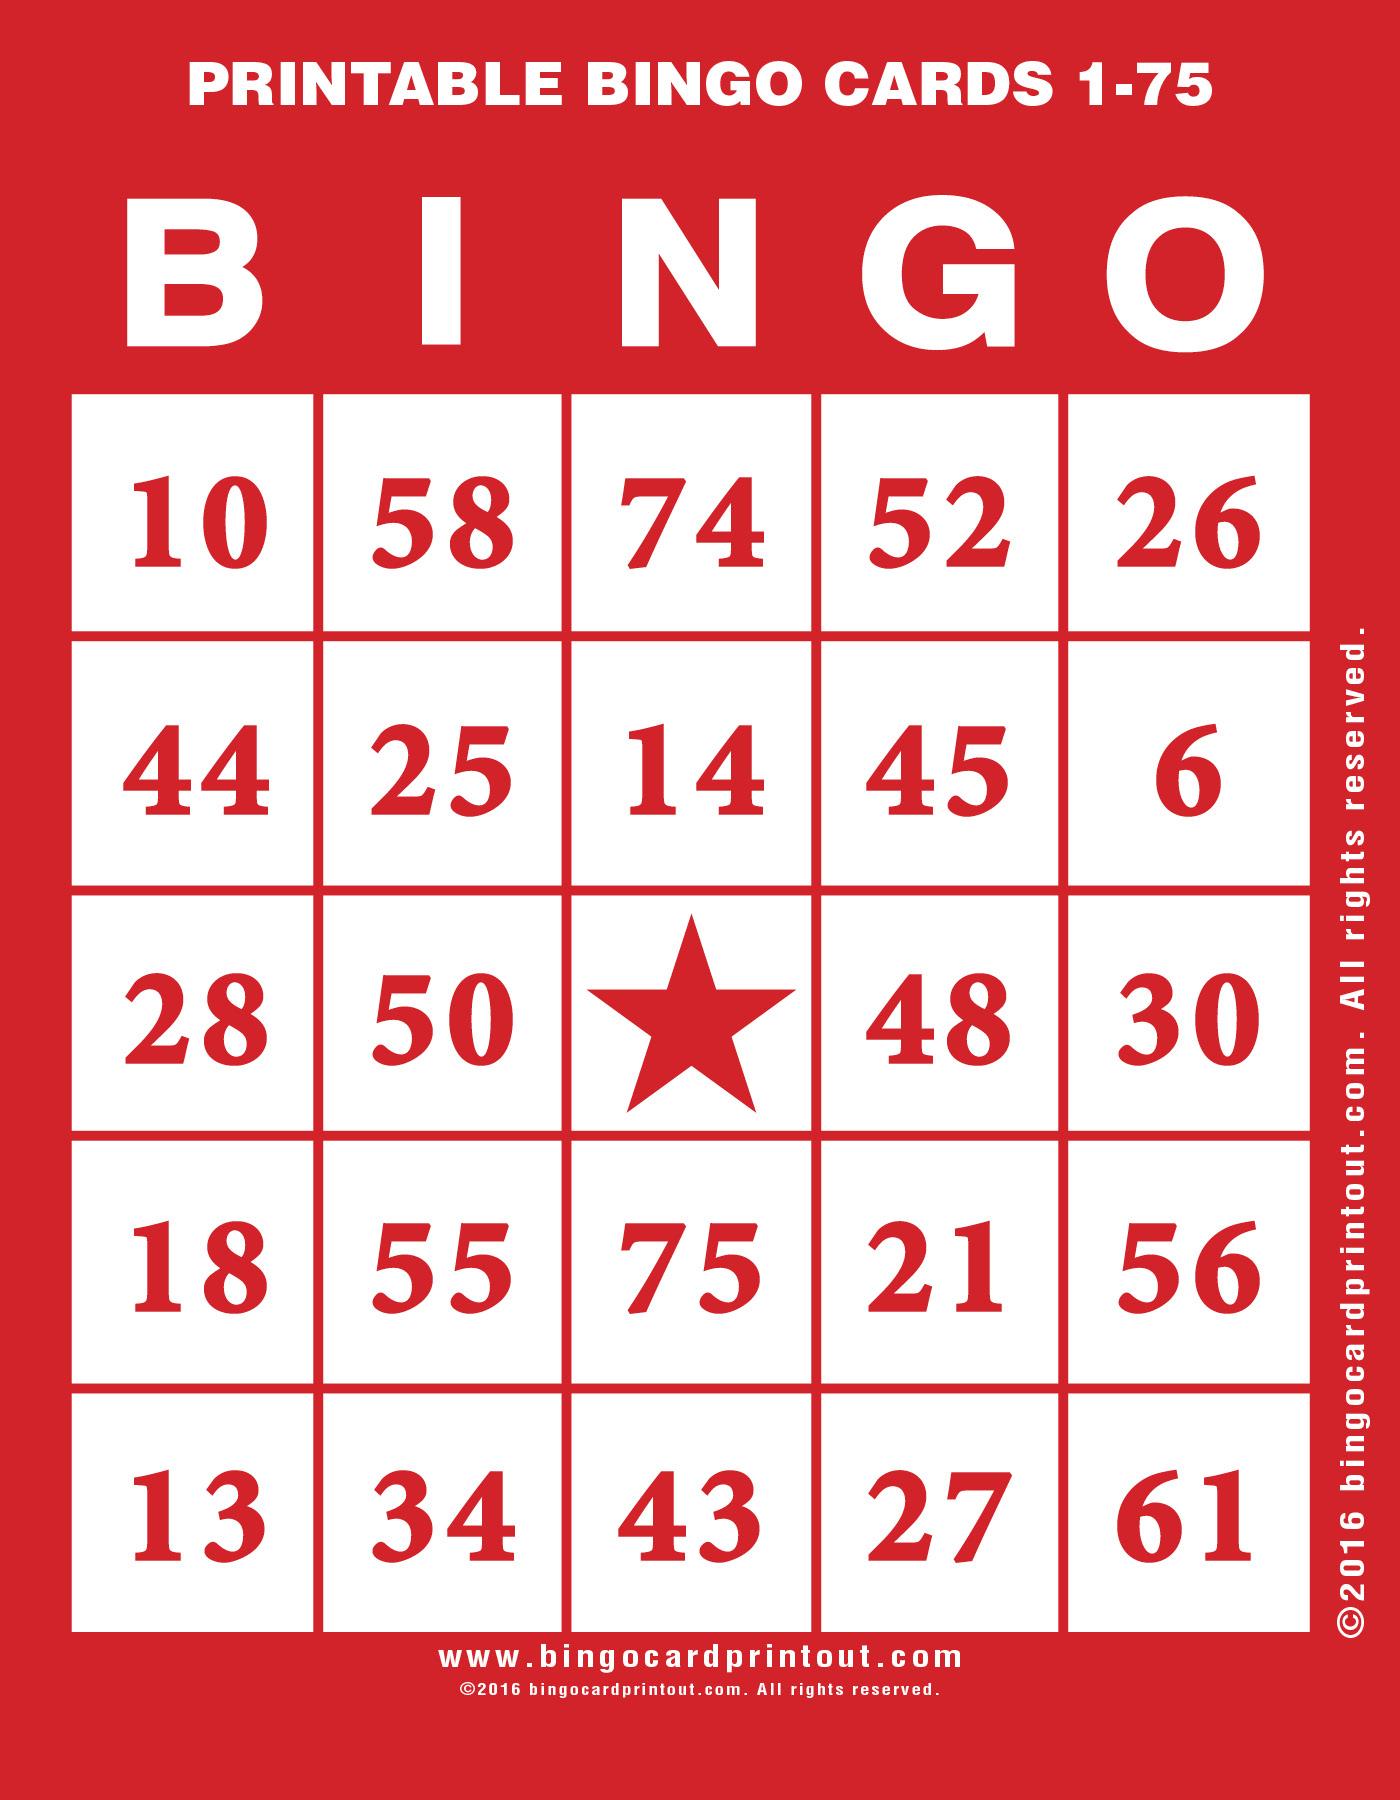 Printable Bingo Cards 1-75 - Bingocardprintout